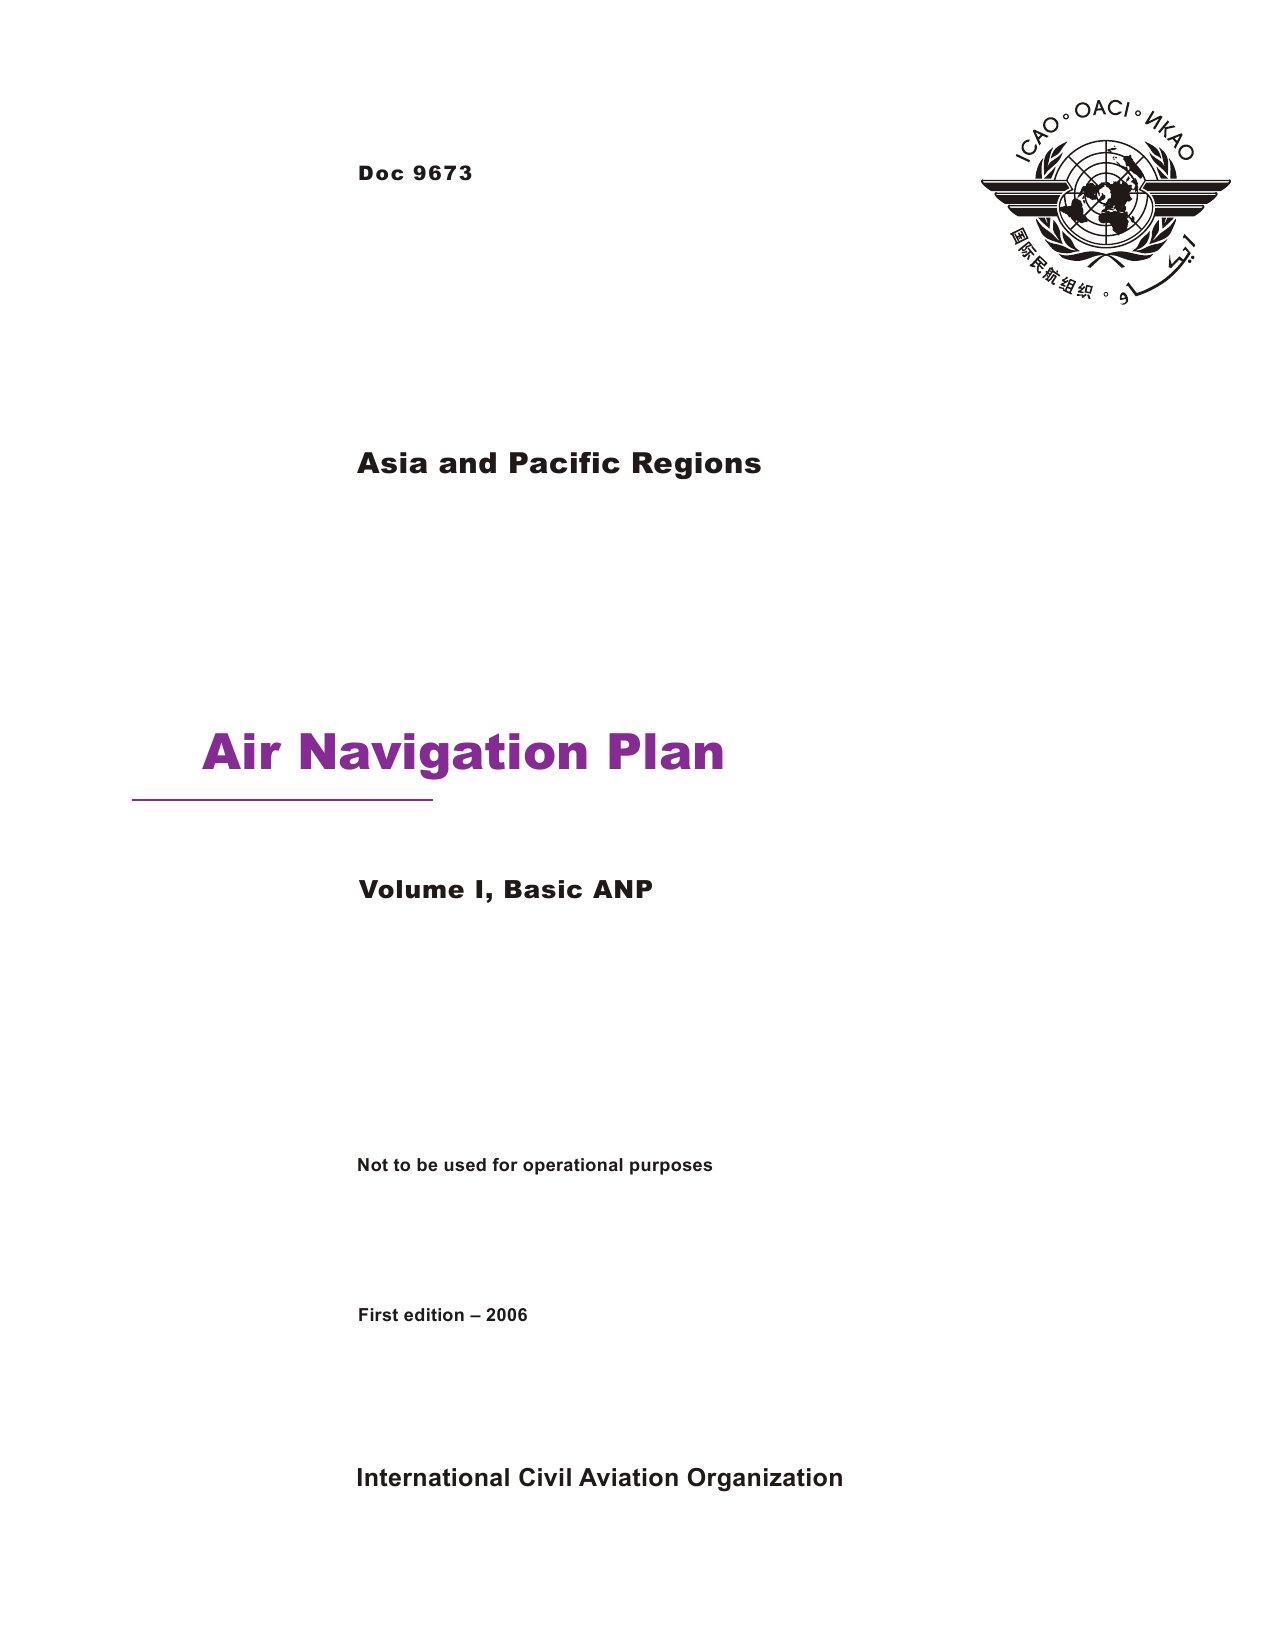 Обложка книги ICAO Doc 9673 Аэронавигационный план. Регион Азии и Тихоокеанский регион. Том I. Основной АНП. (ИКАО)